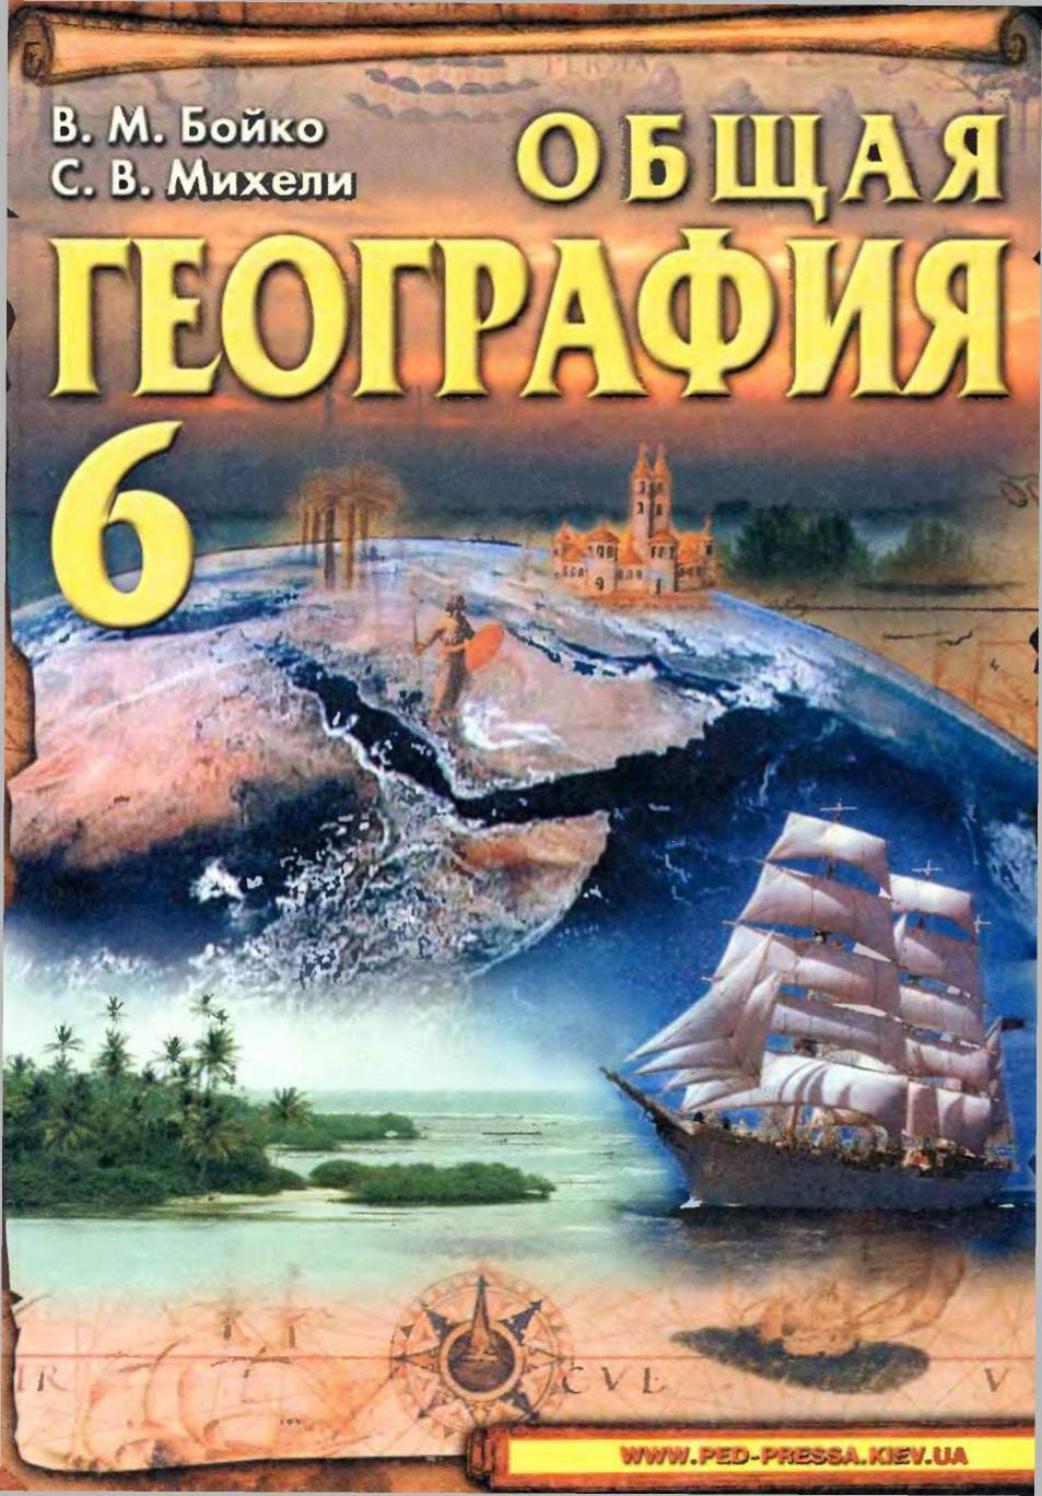 Гдз по географии 6 класс бойко михели на русском